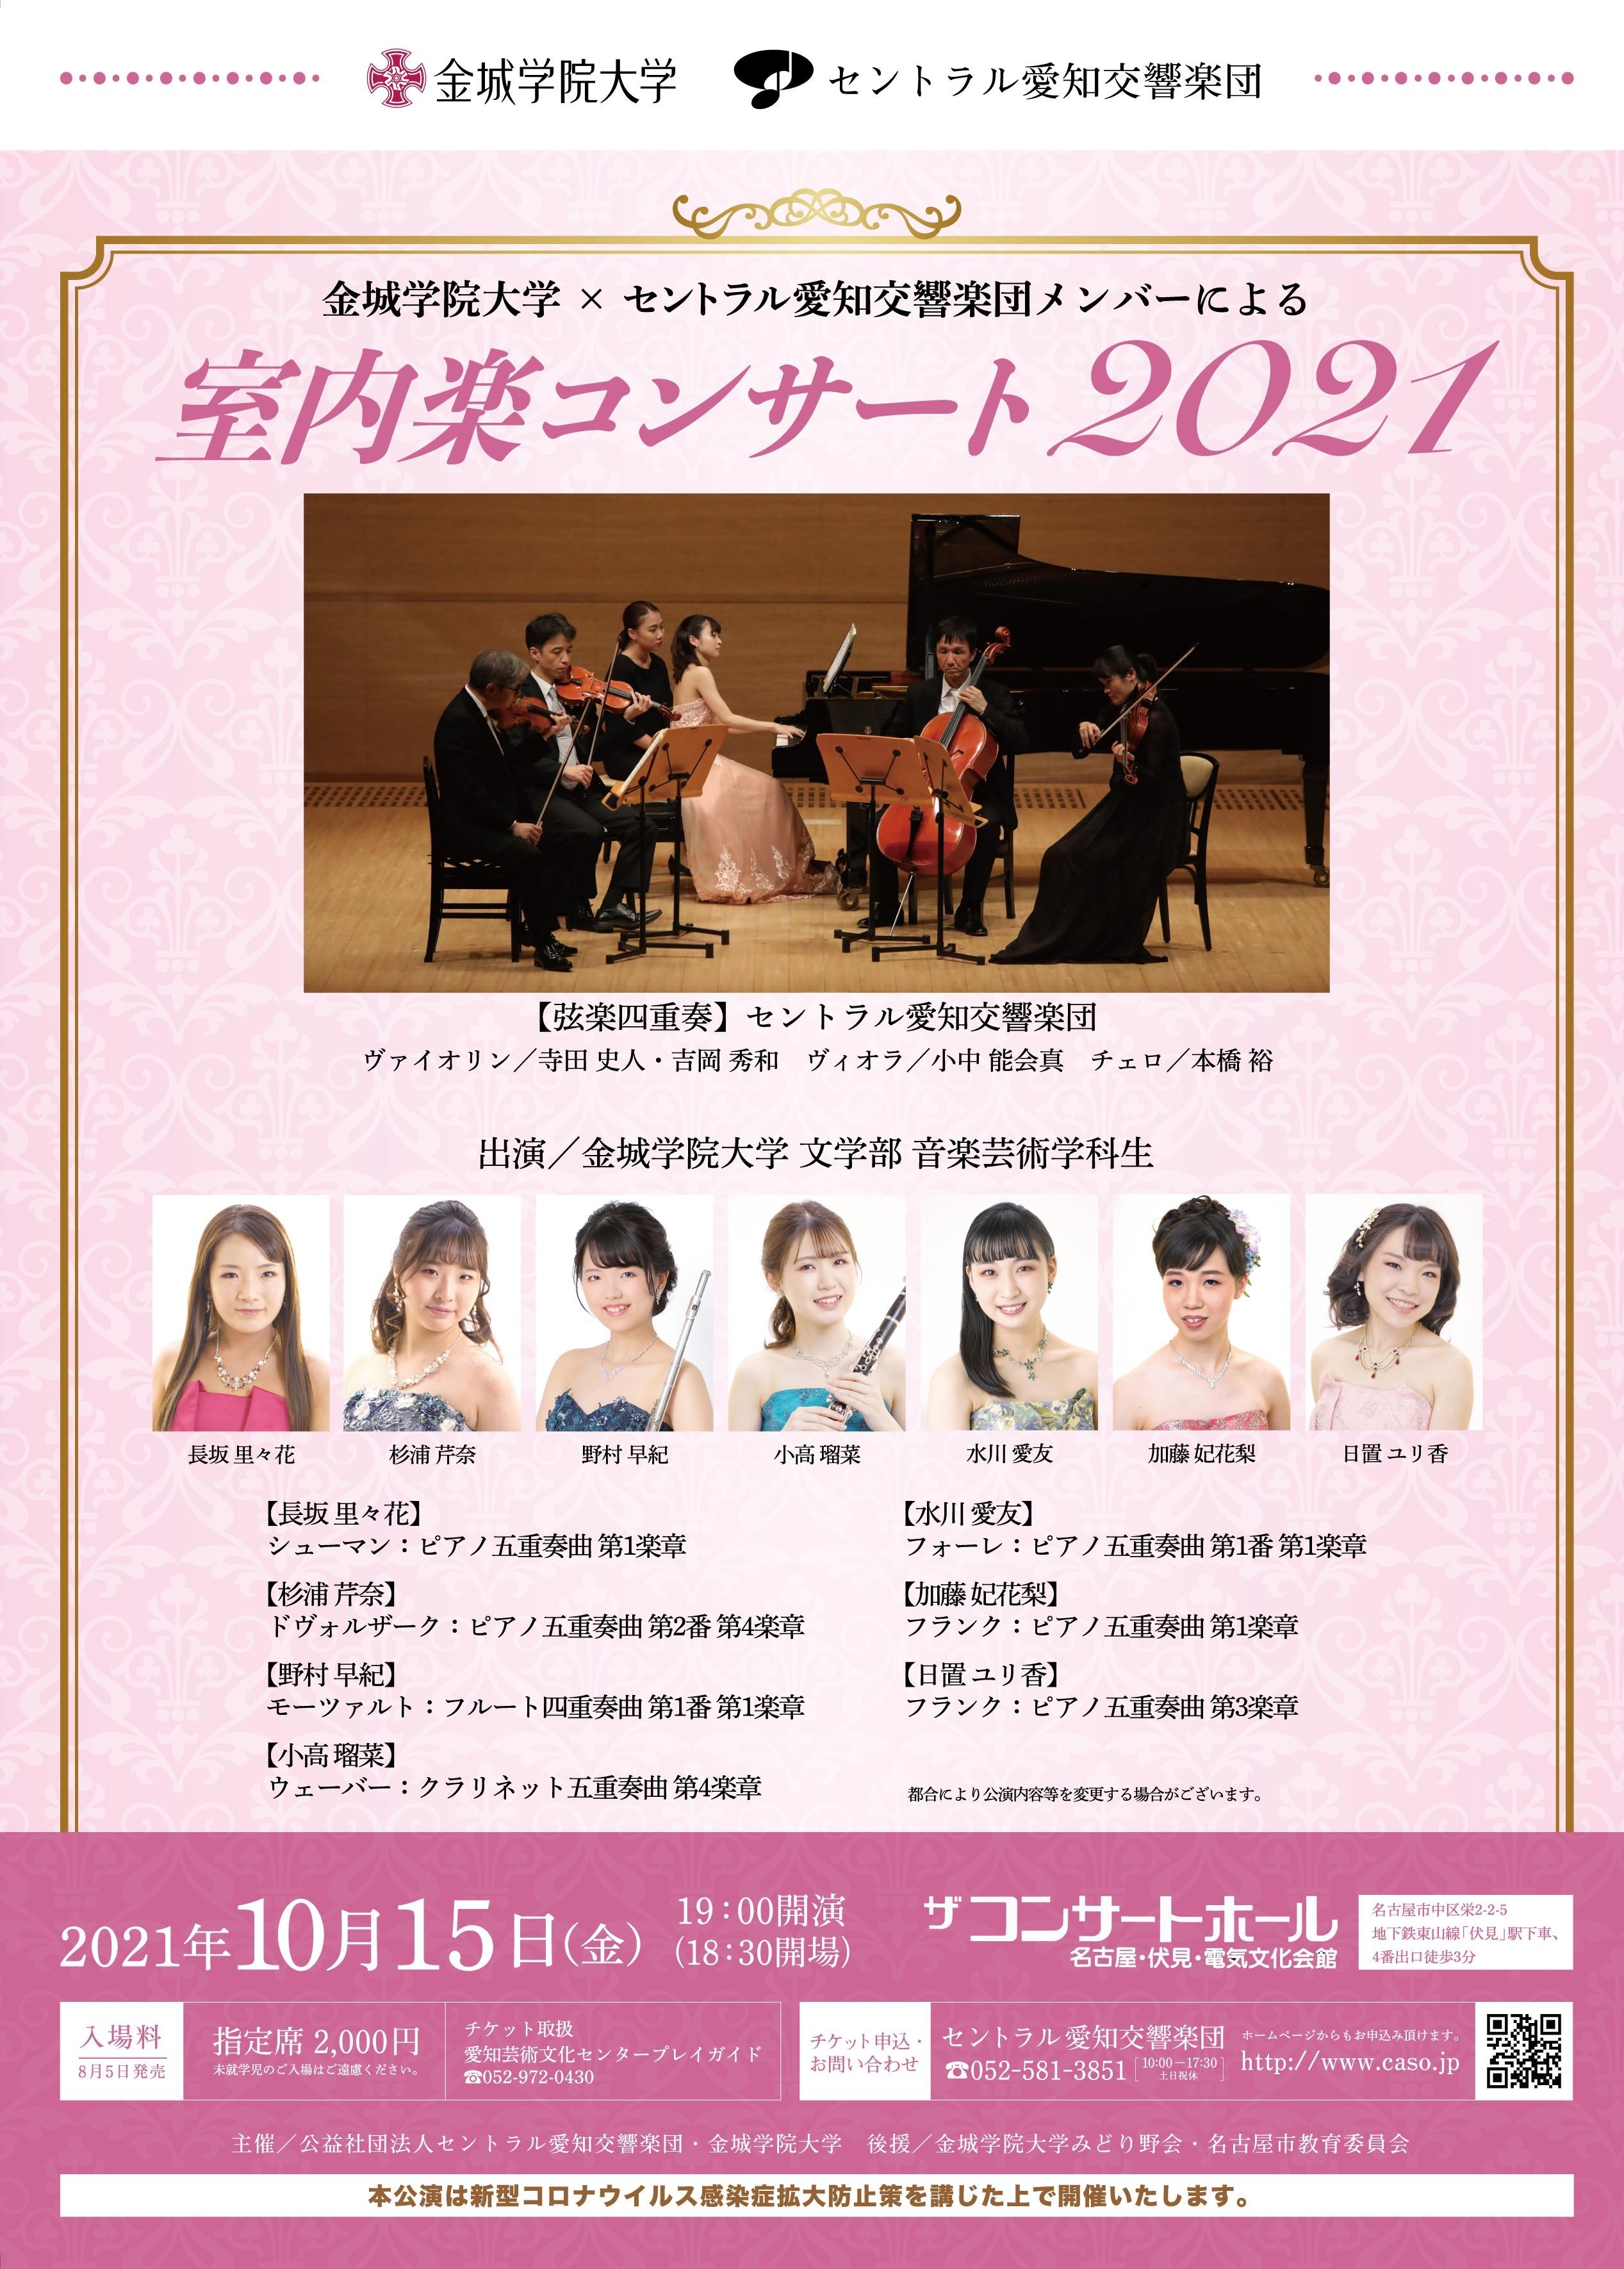 金城学院大学×セントラル愛知交響楽団メンバーによる室内楽コンサート2021